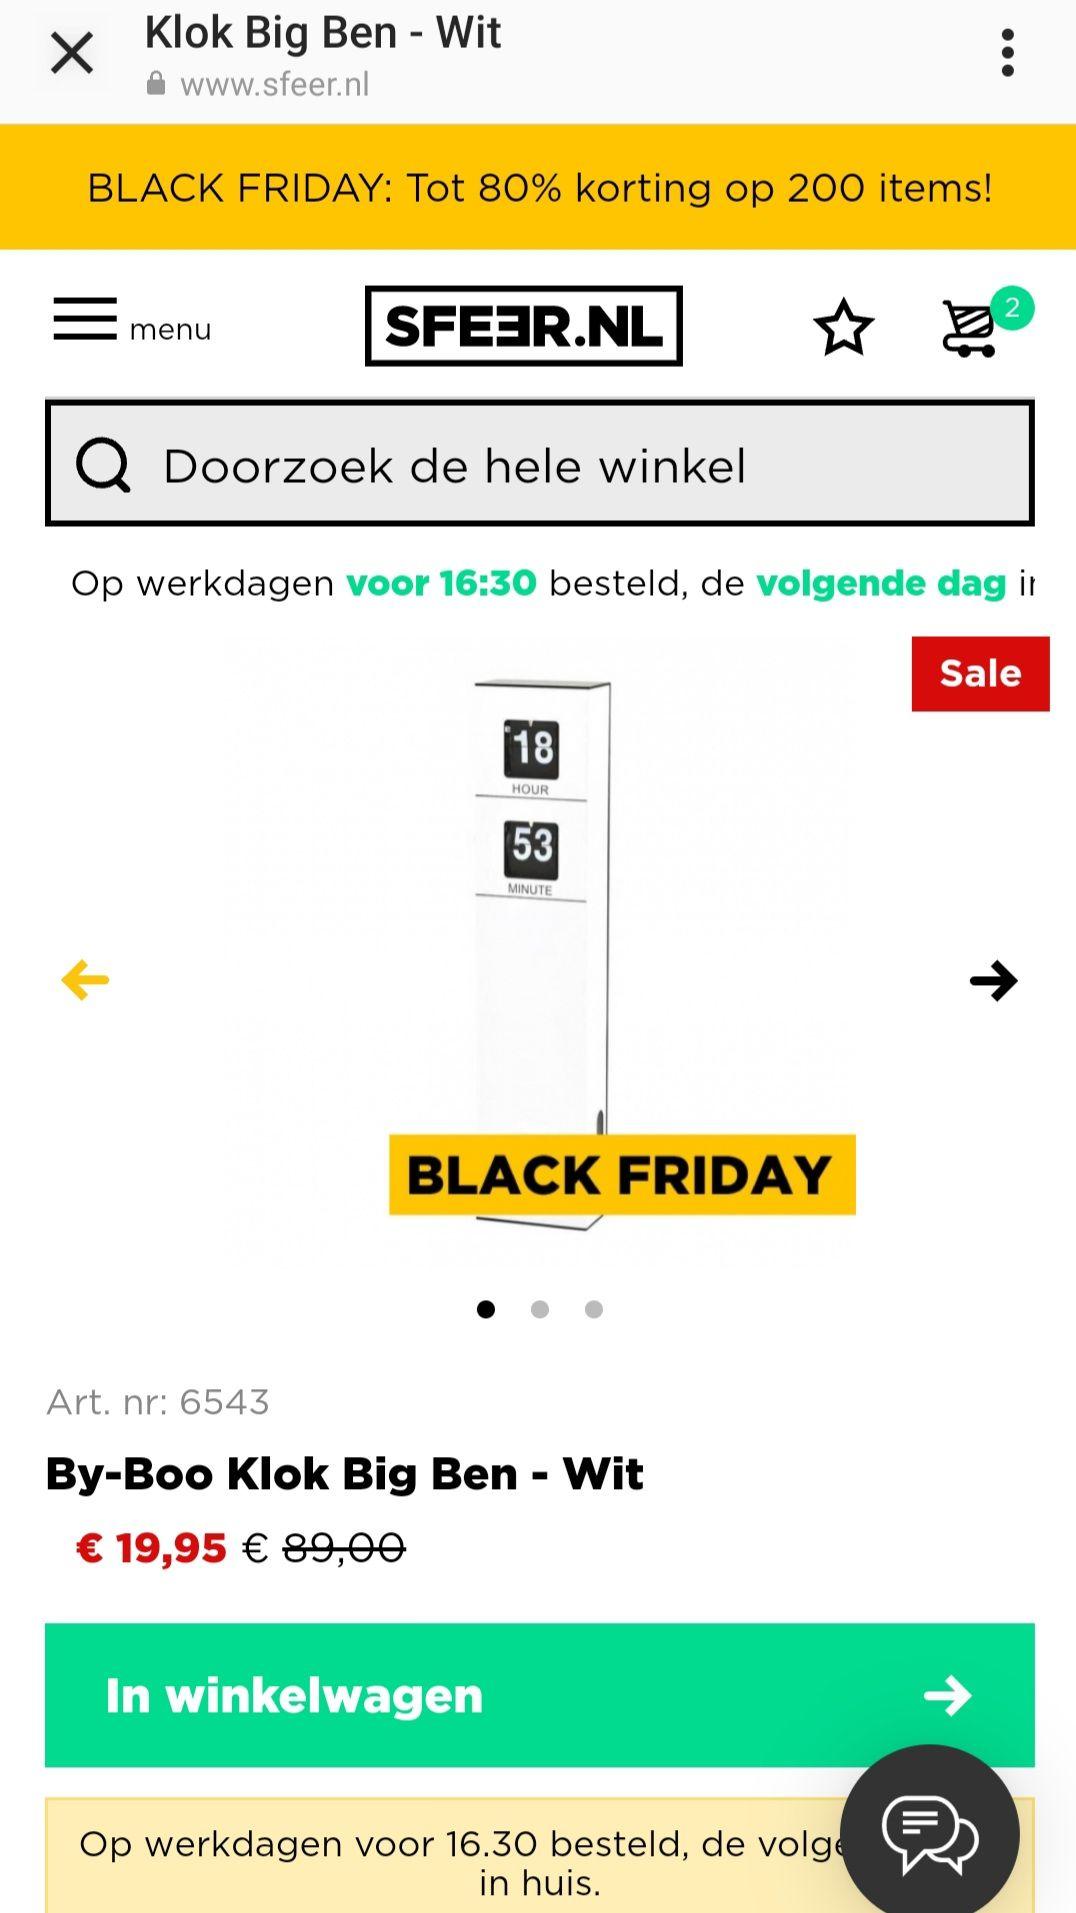 Sfeer.nl Black Friday sale